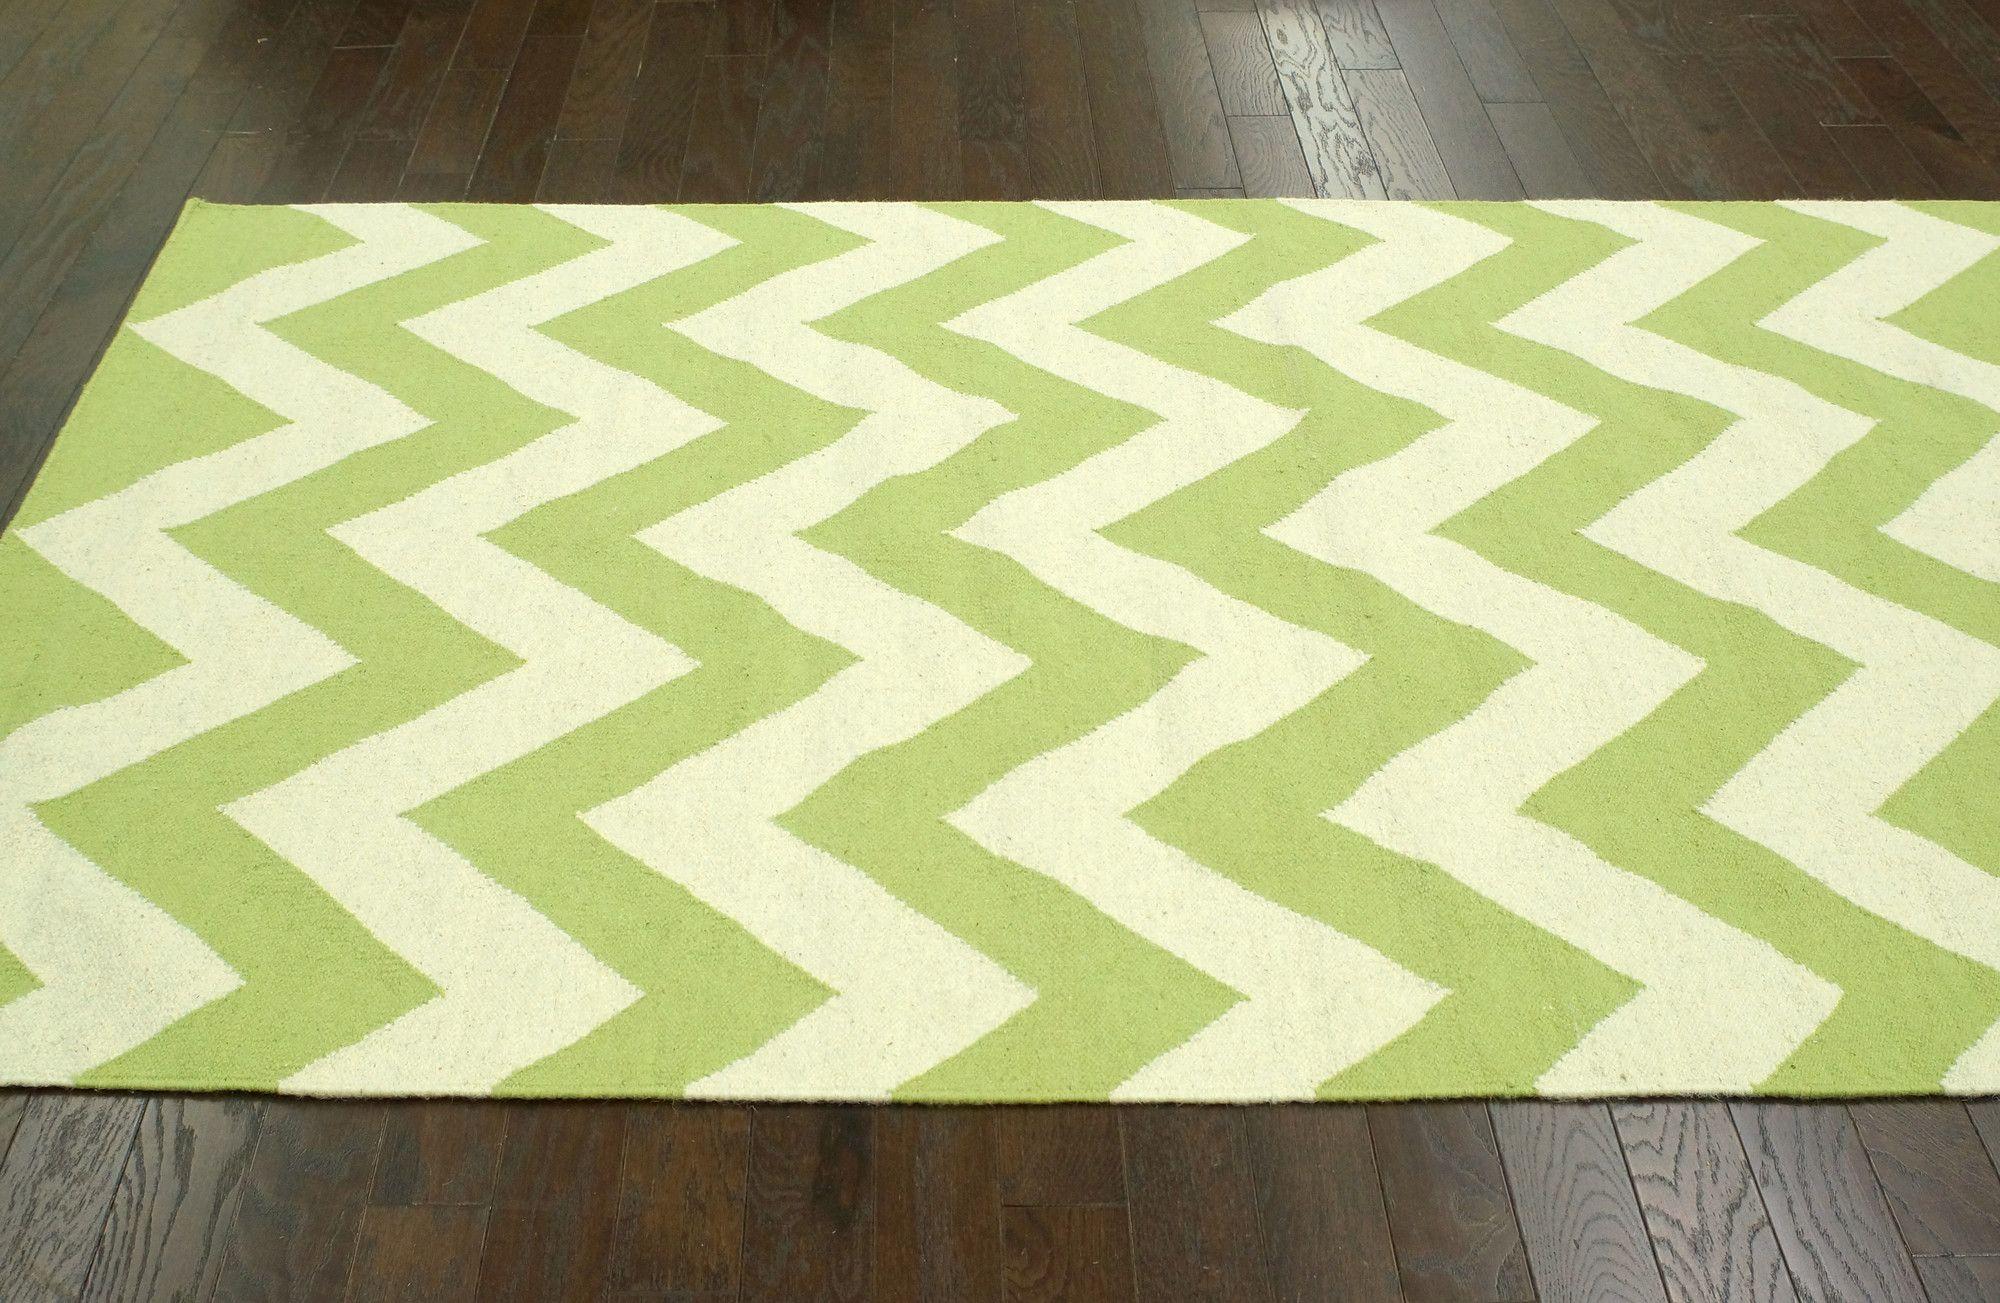 green chevron rug njaire room njaire room green chevron rug - green chevron area rug roselawnlutheran